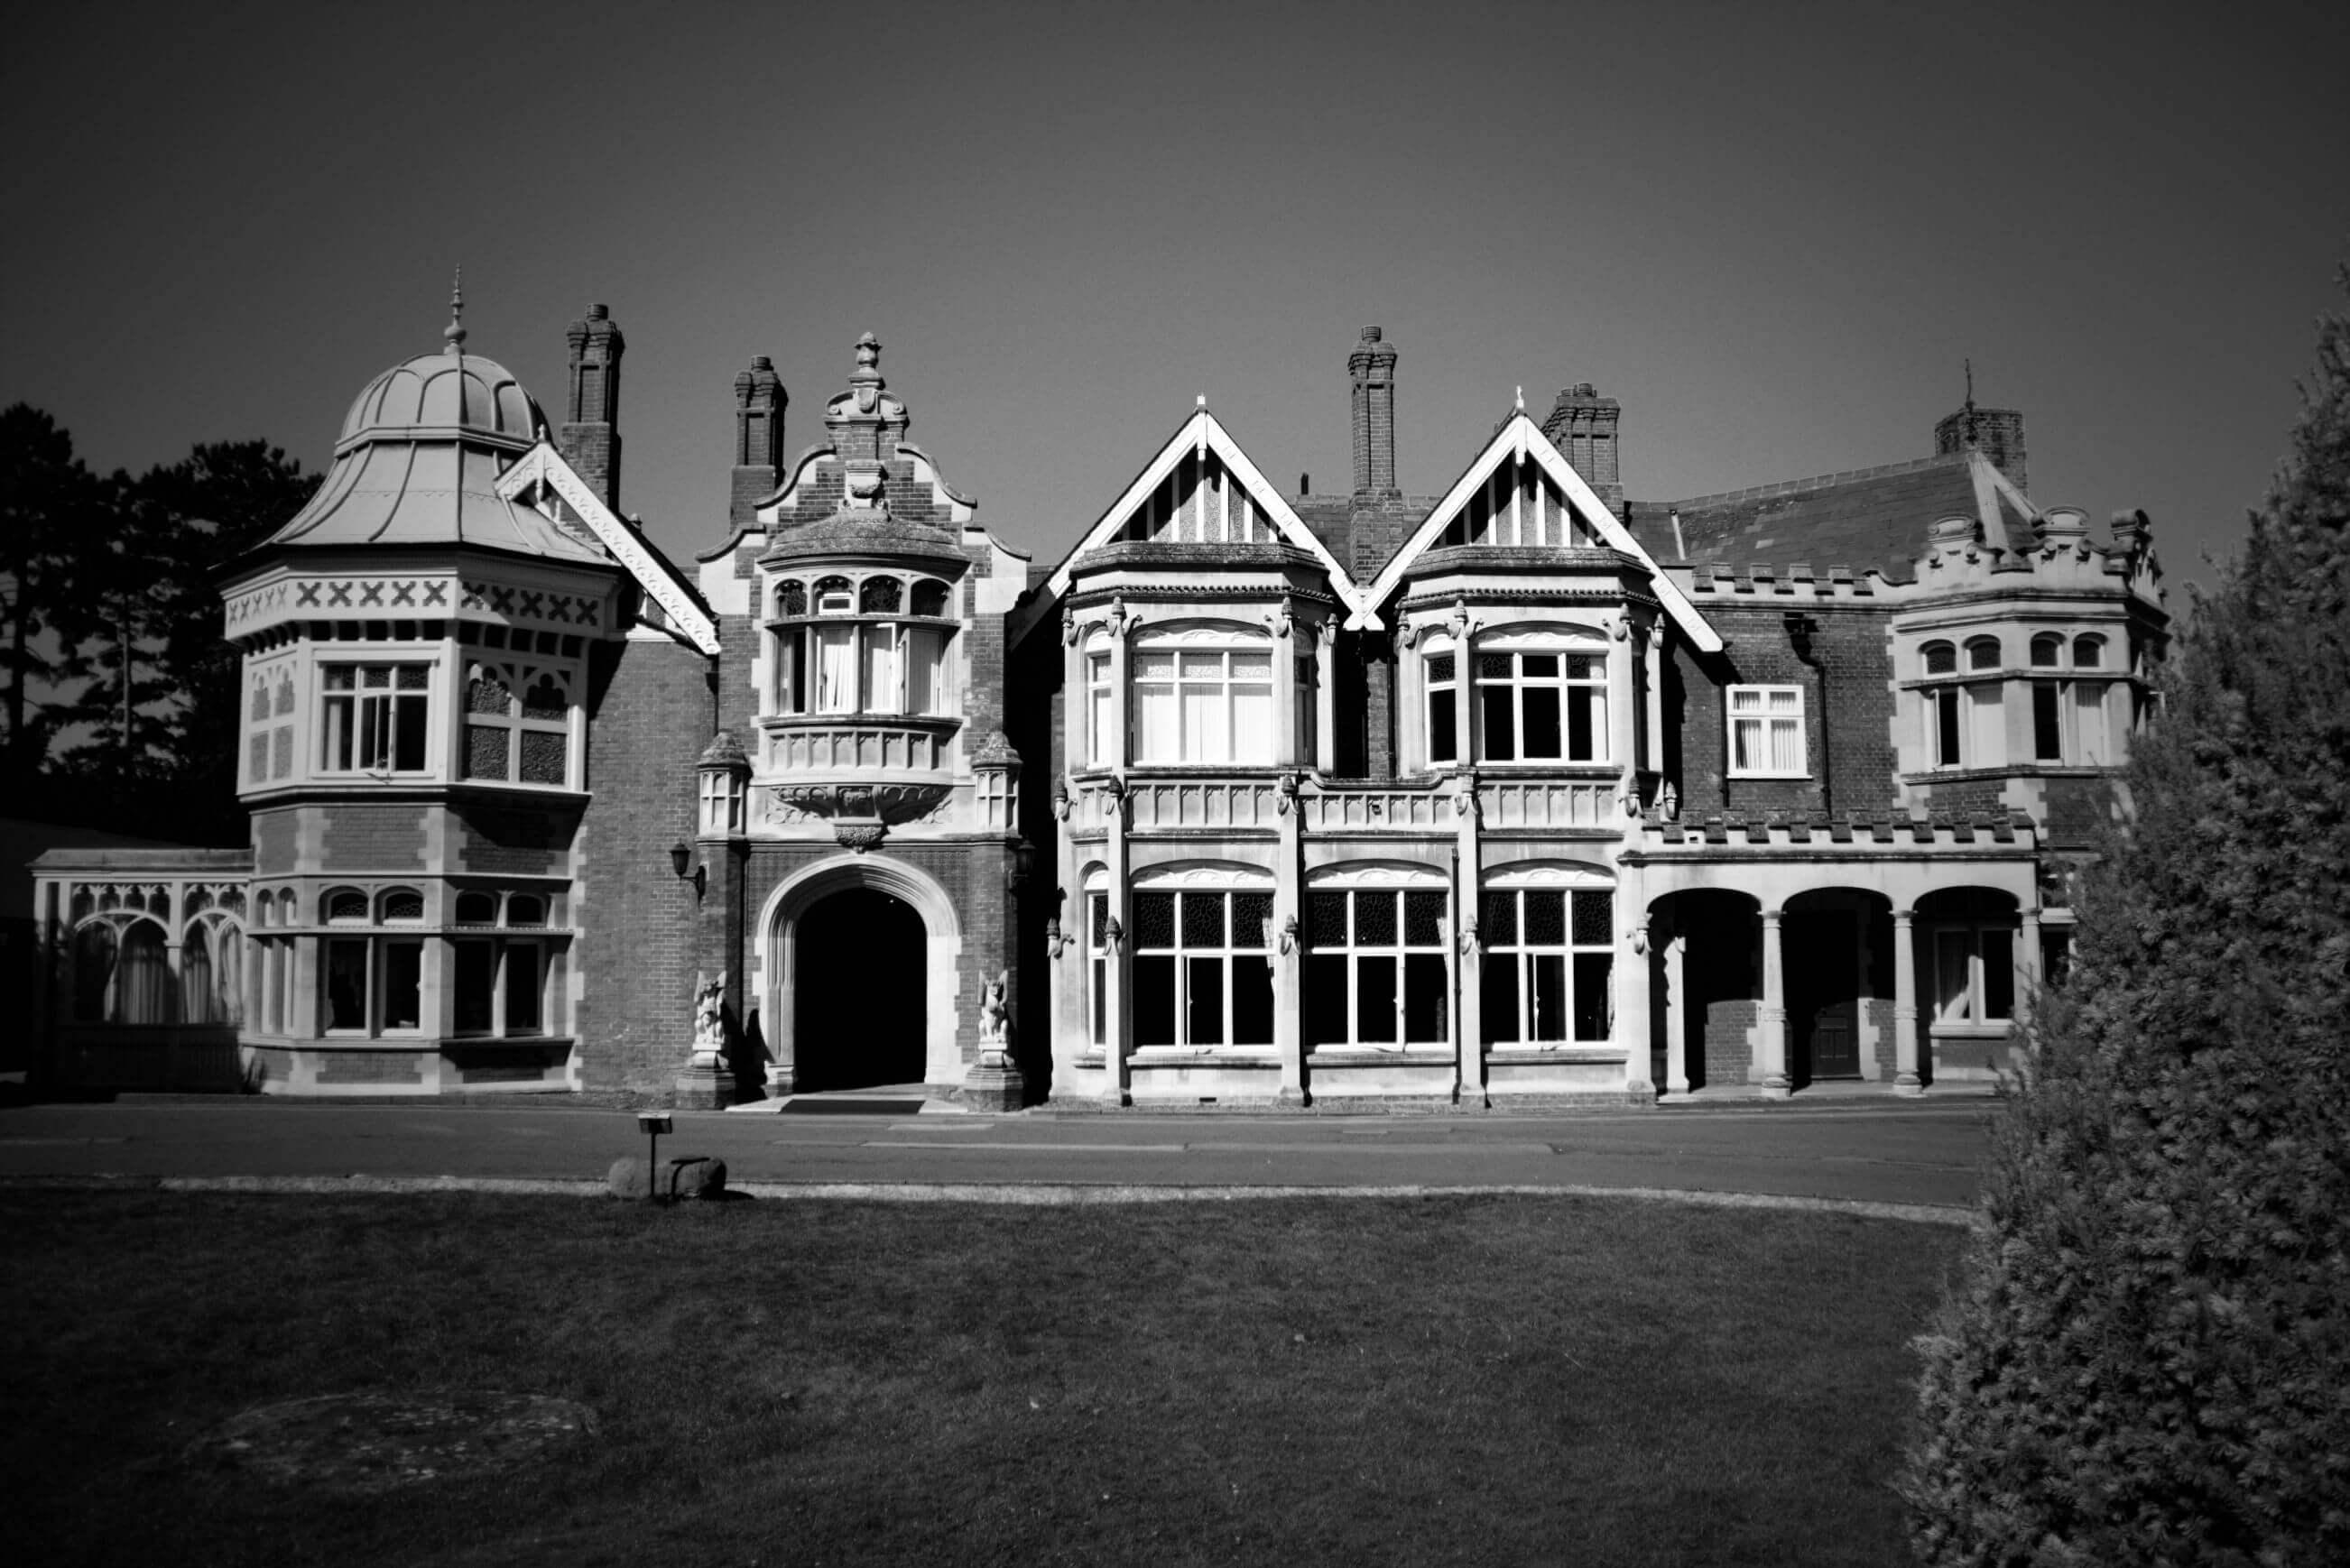 Las criptoanalistas de Bletchley Park. - Smyth Academy Madrid